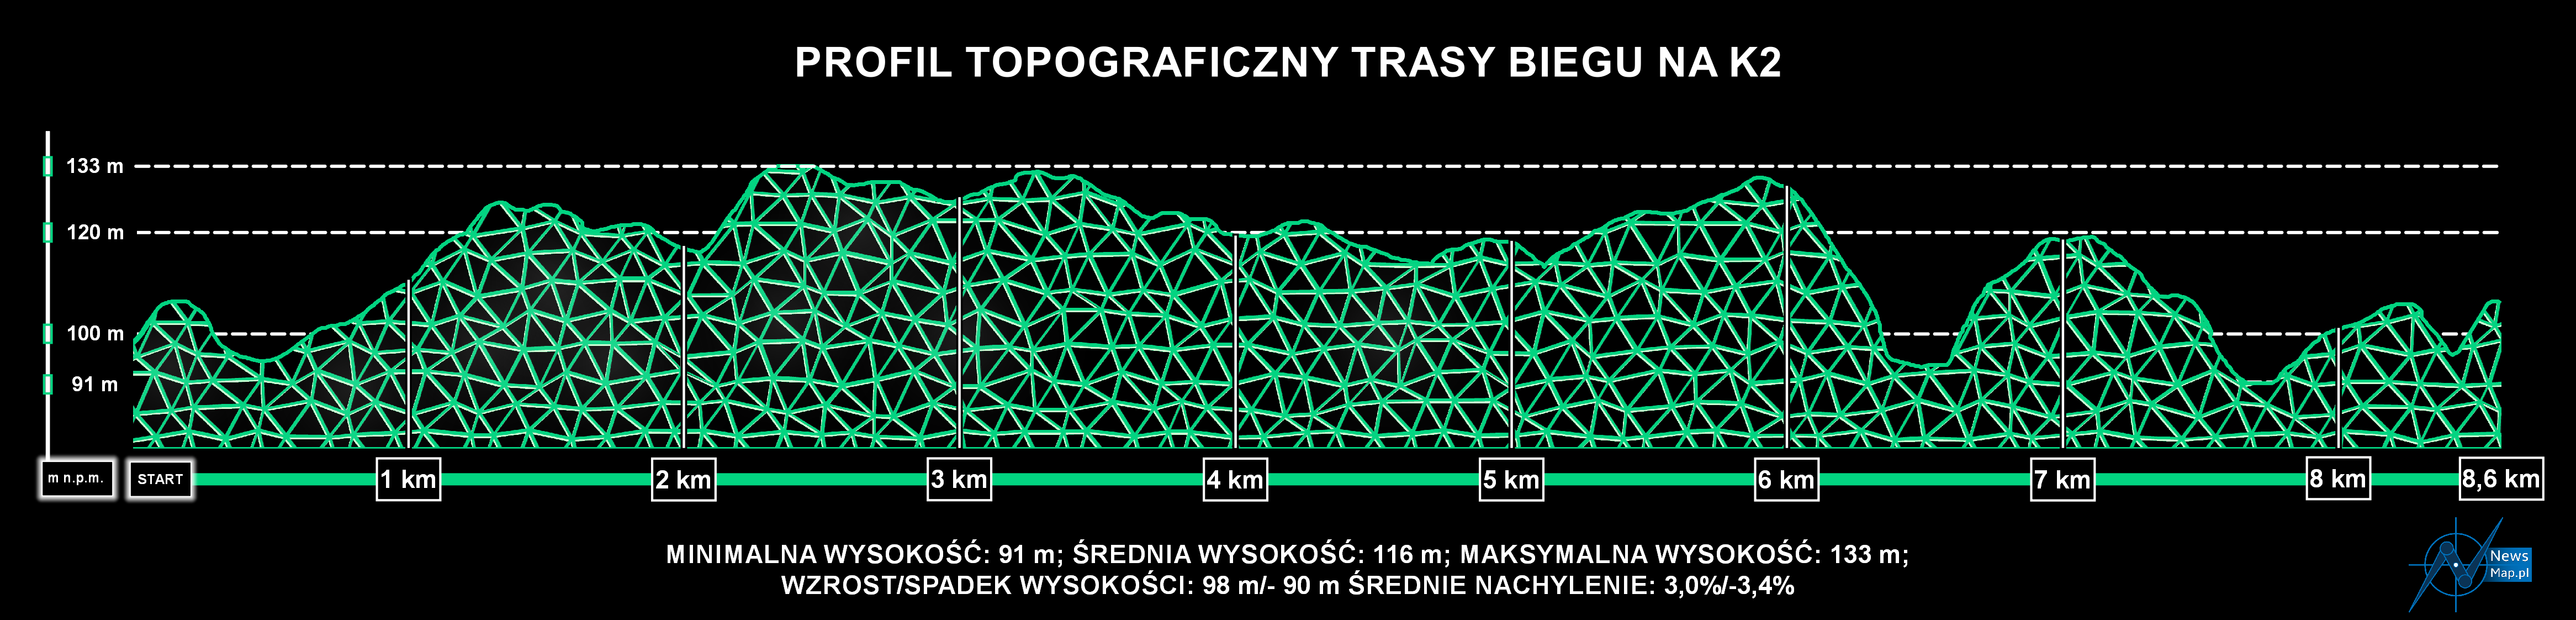 K2 Standard - profil topograficzny